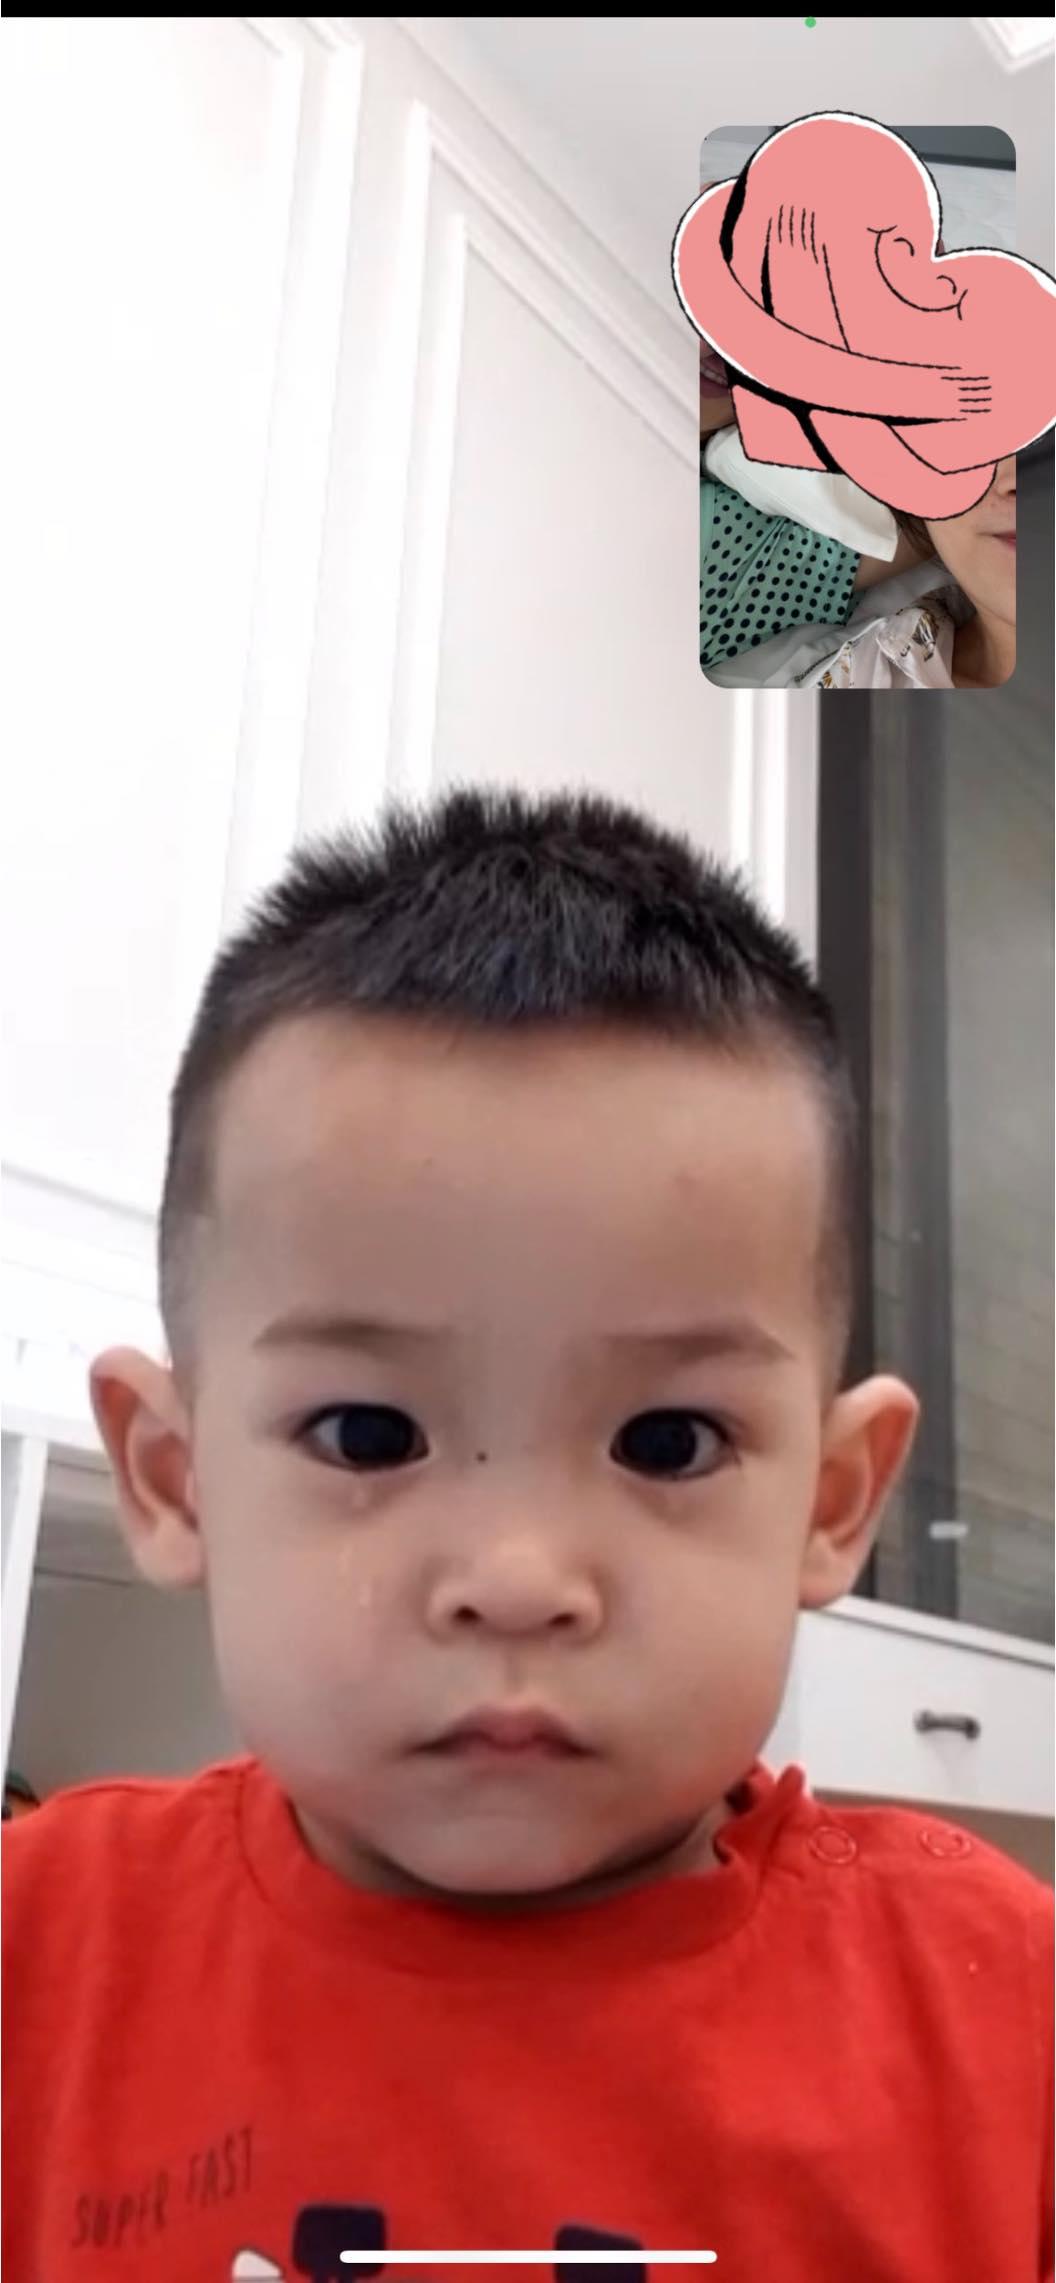 Con trai Hùng Dũng nước mắt lã chã khi mẹ đưa bố vào Sài Gòn điều trị chấn thương - ảnh 2